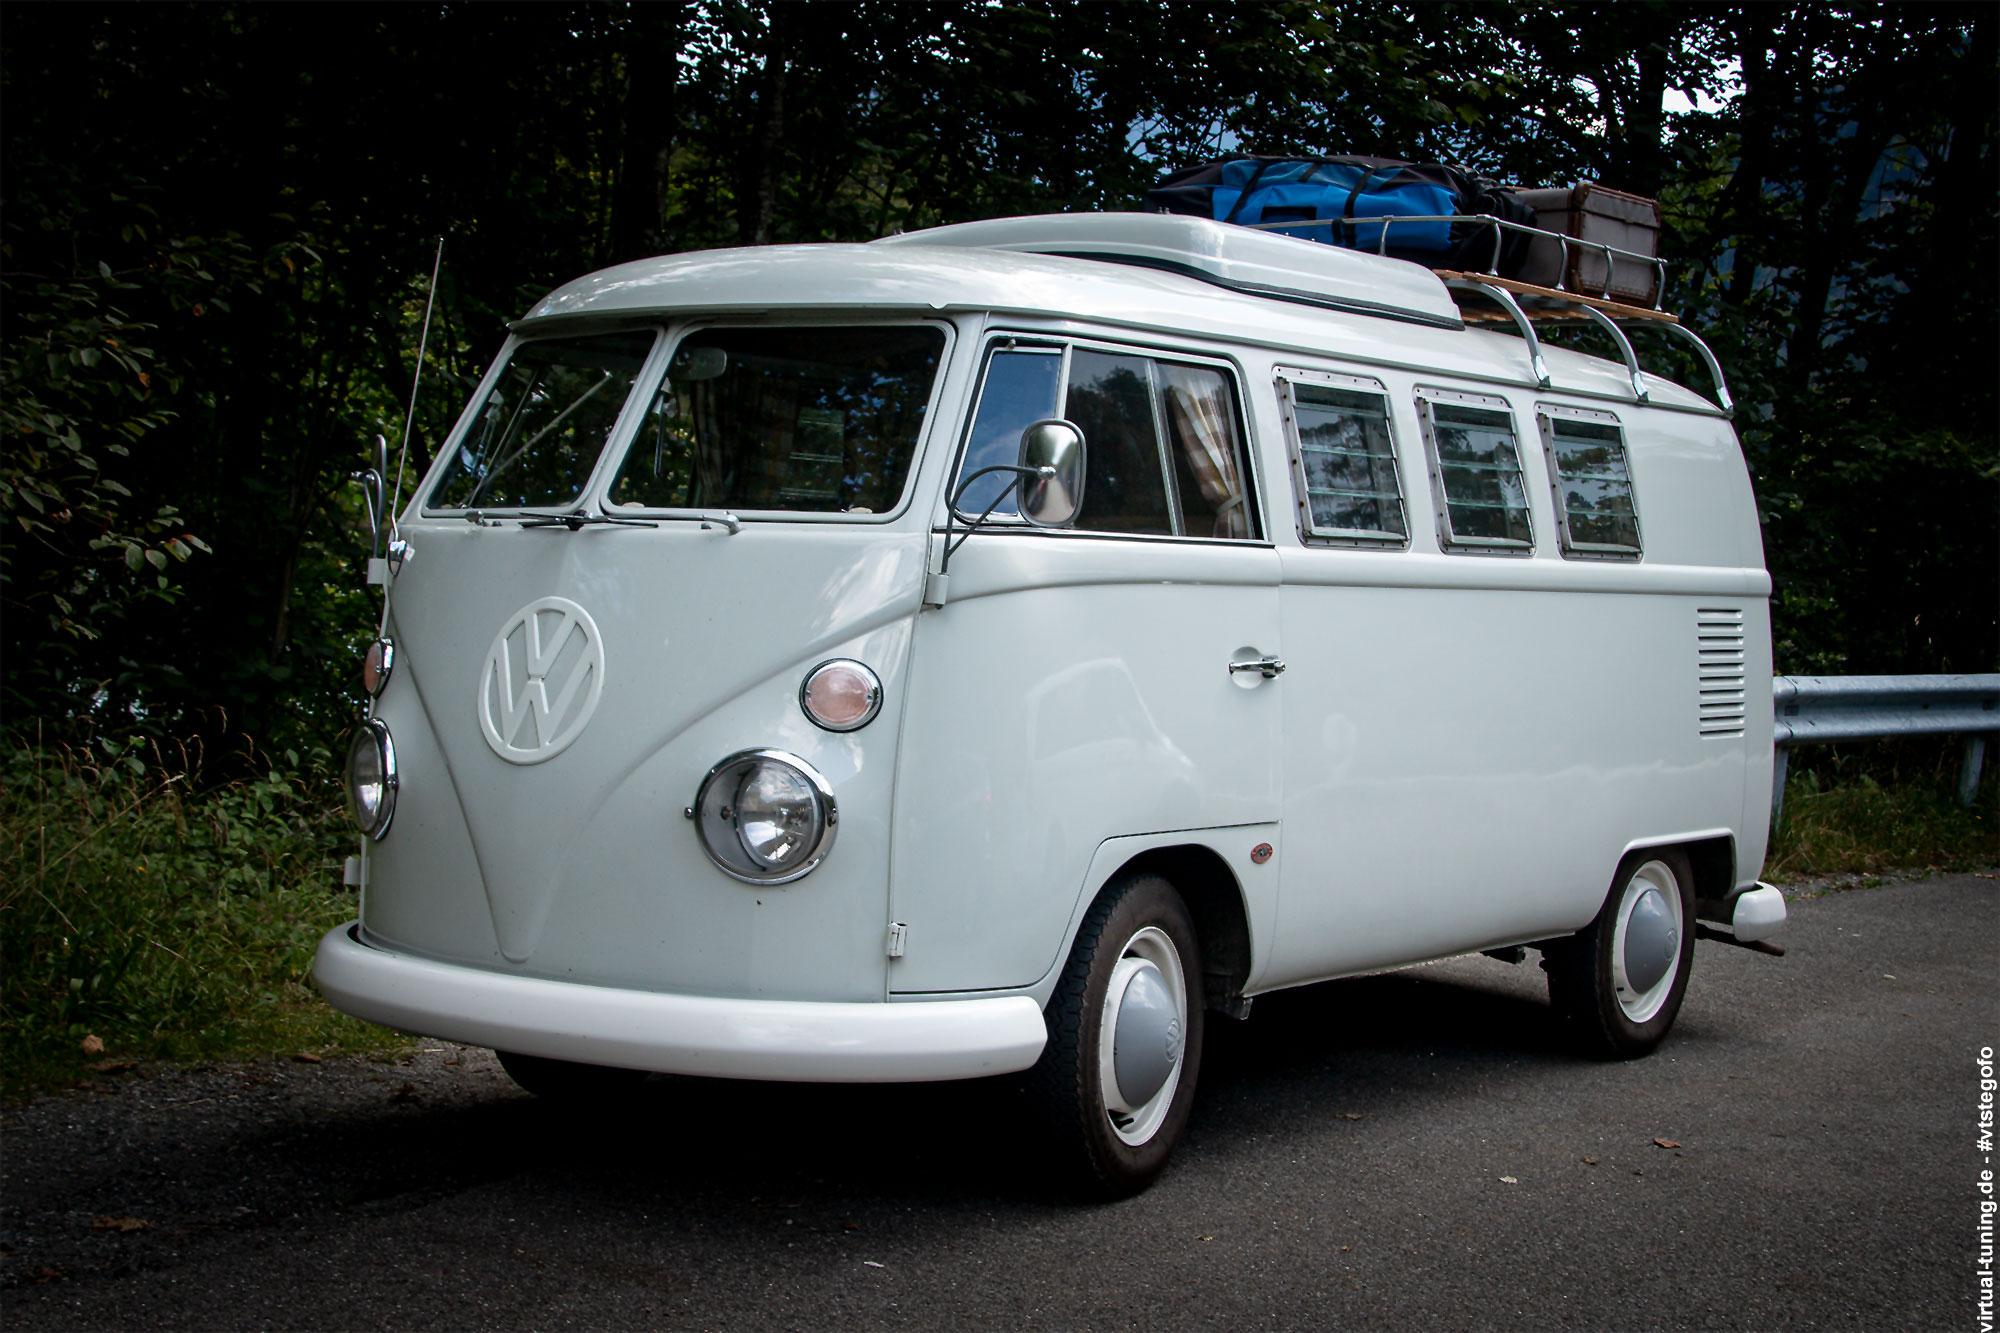 VW T1 (Bullli)